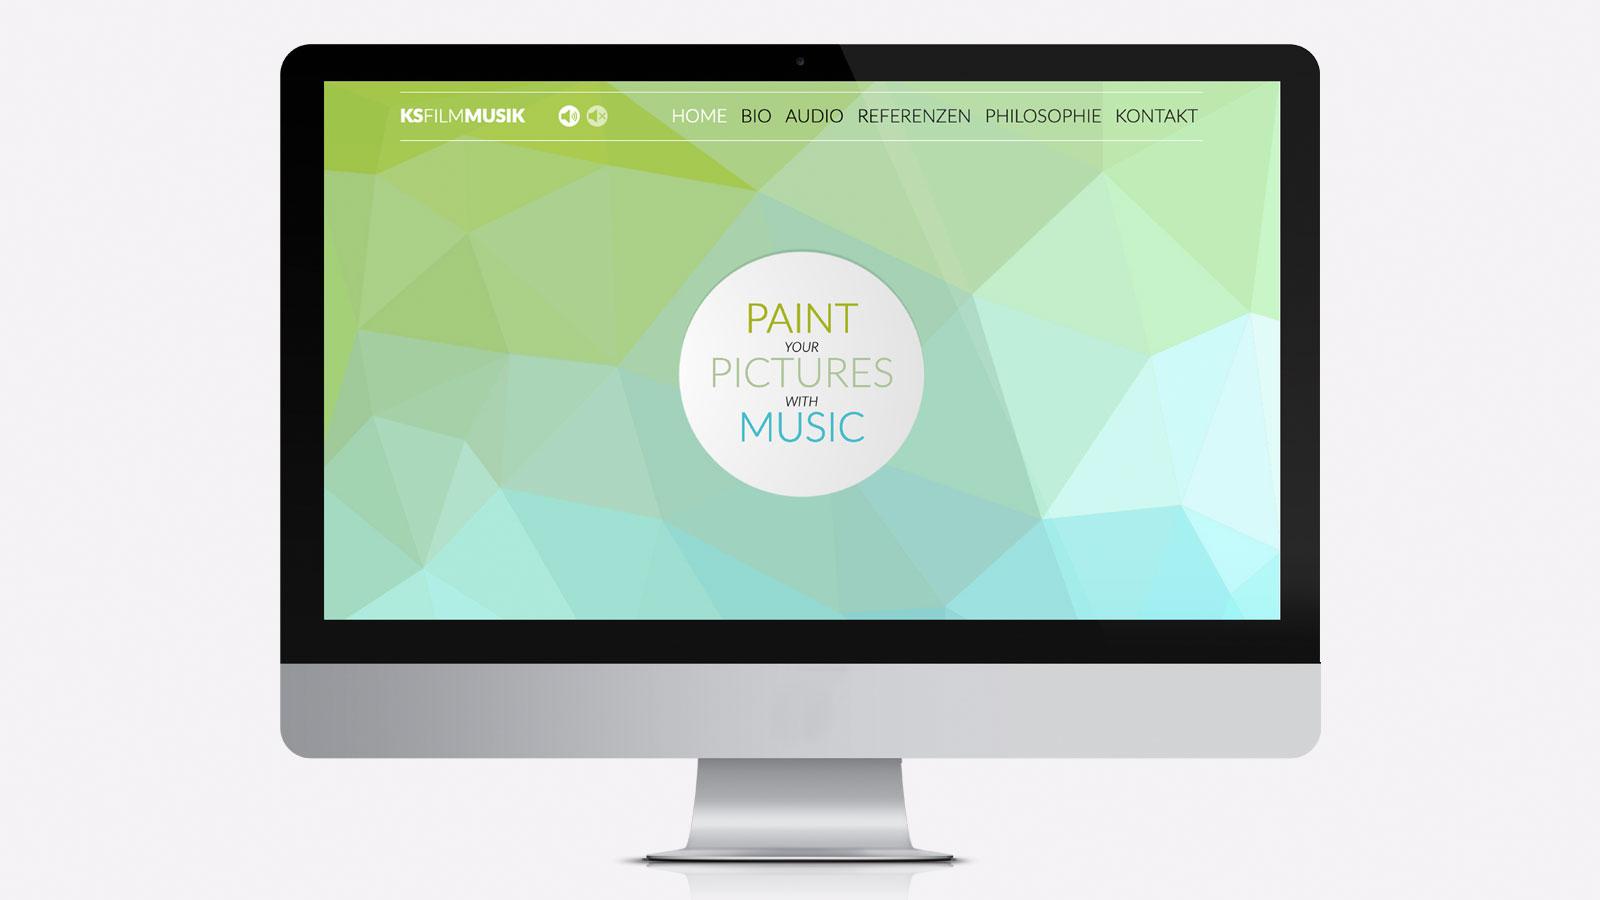 Design für Filmmusik